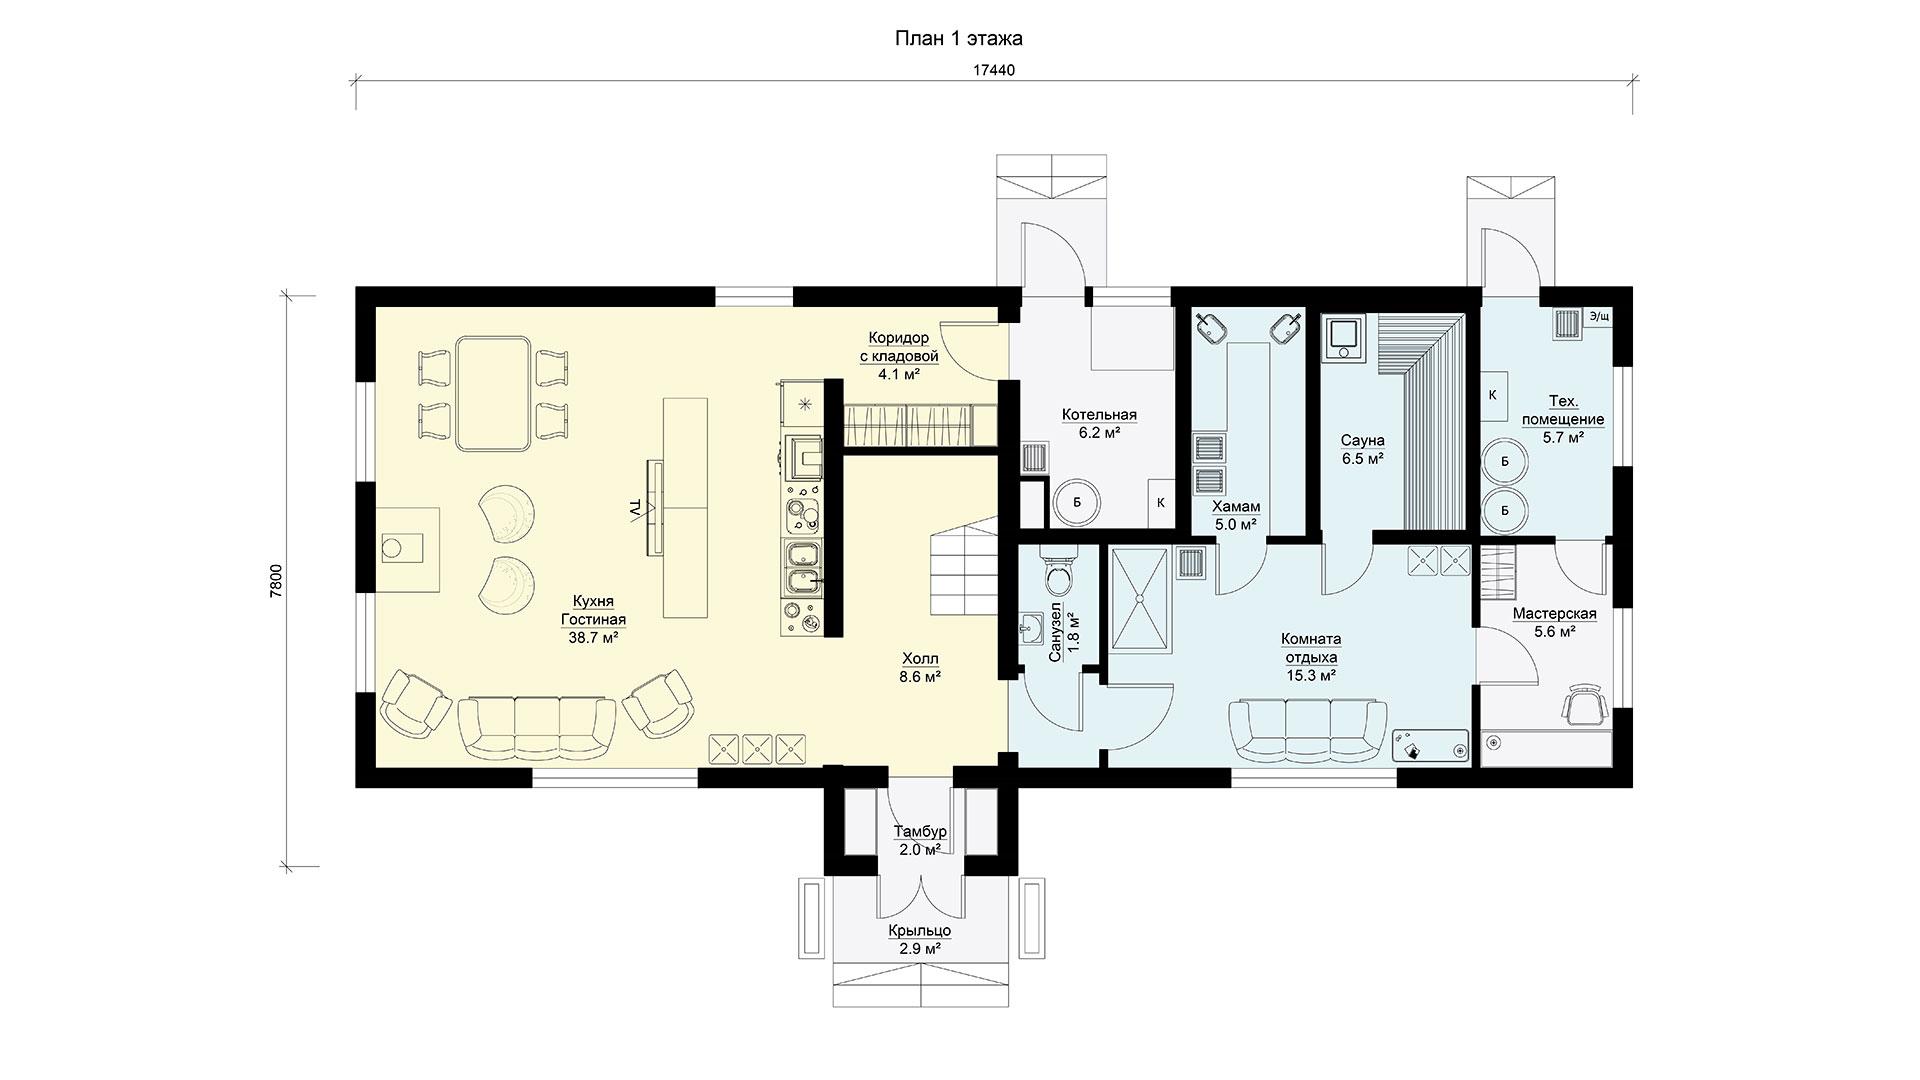 План первого этажа двухэтажного дома БЭНПАН, проект МС-200.